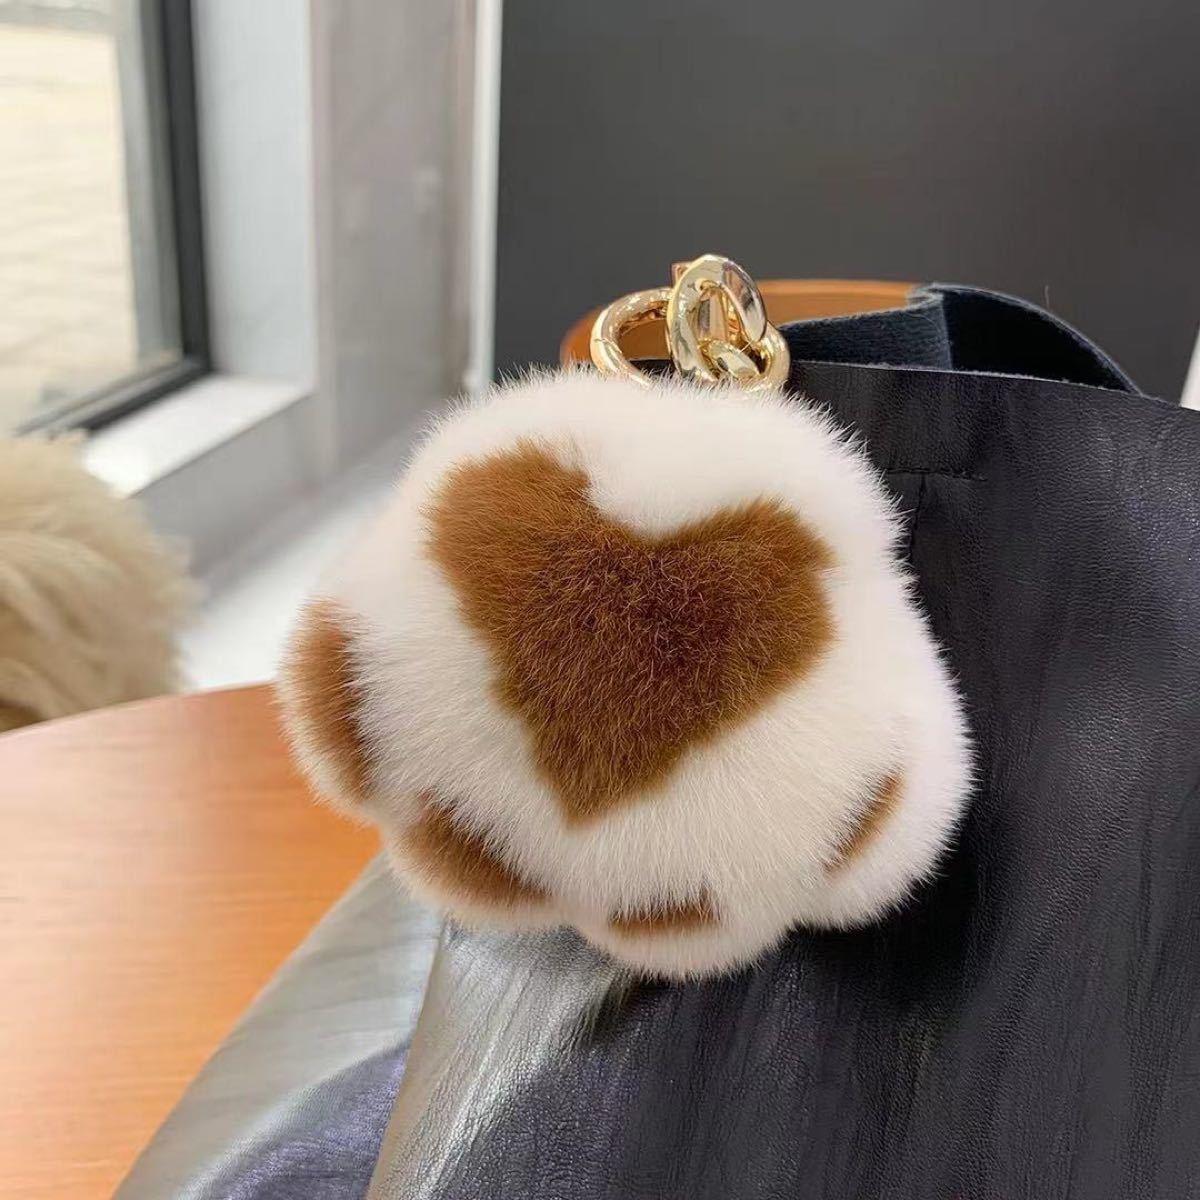 キーリング 肉球 バッグチャーム キーホルダー 犬 ふわふわ 可愛い 秋 冬